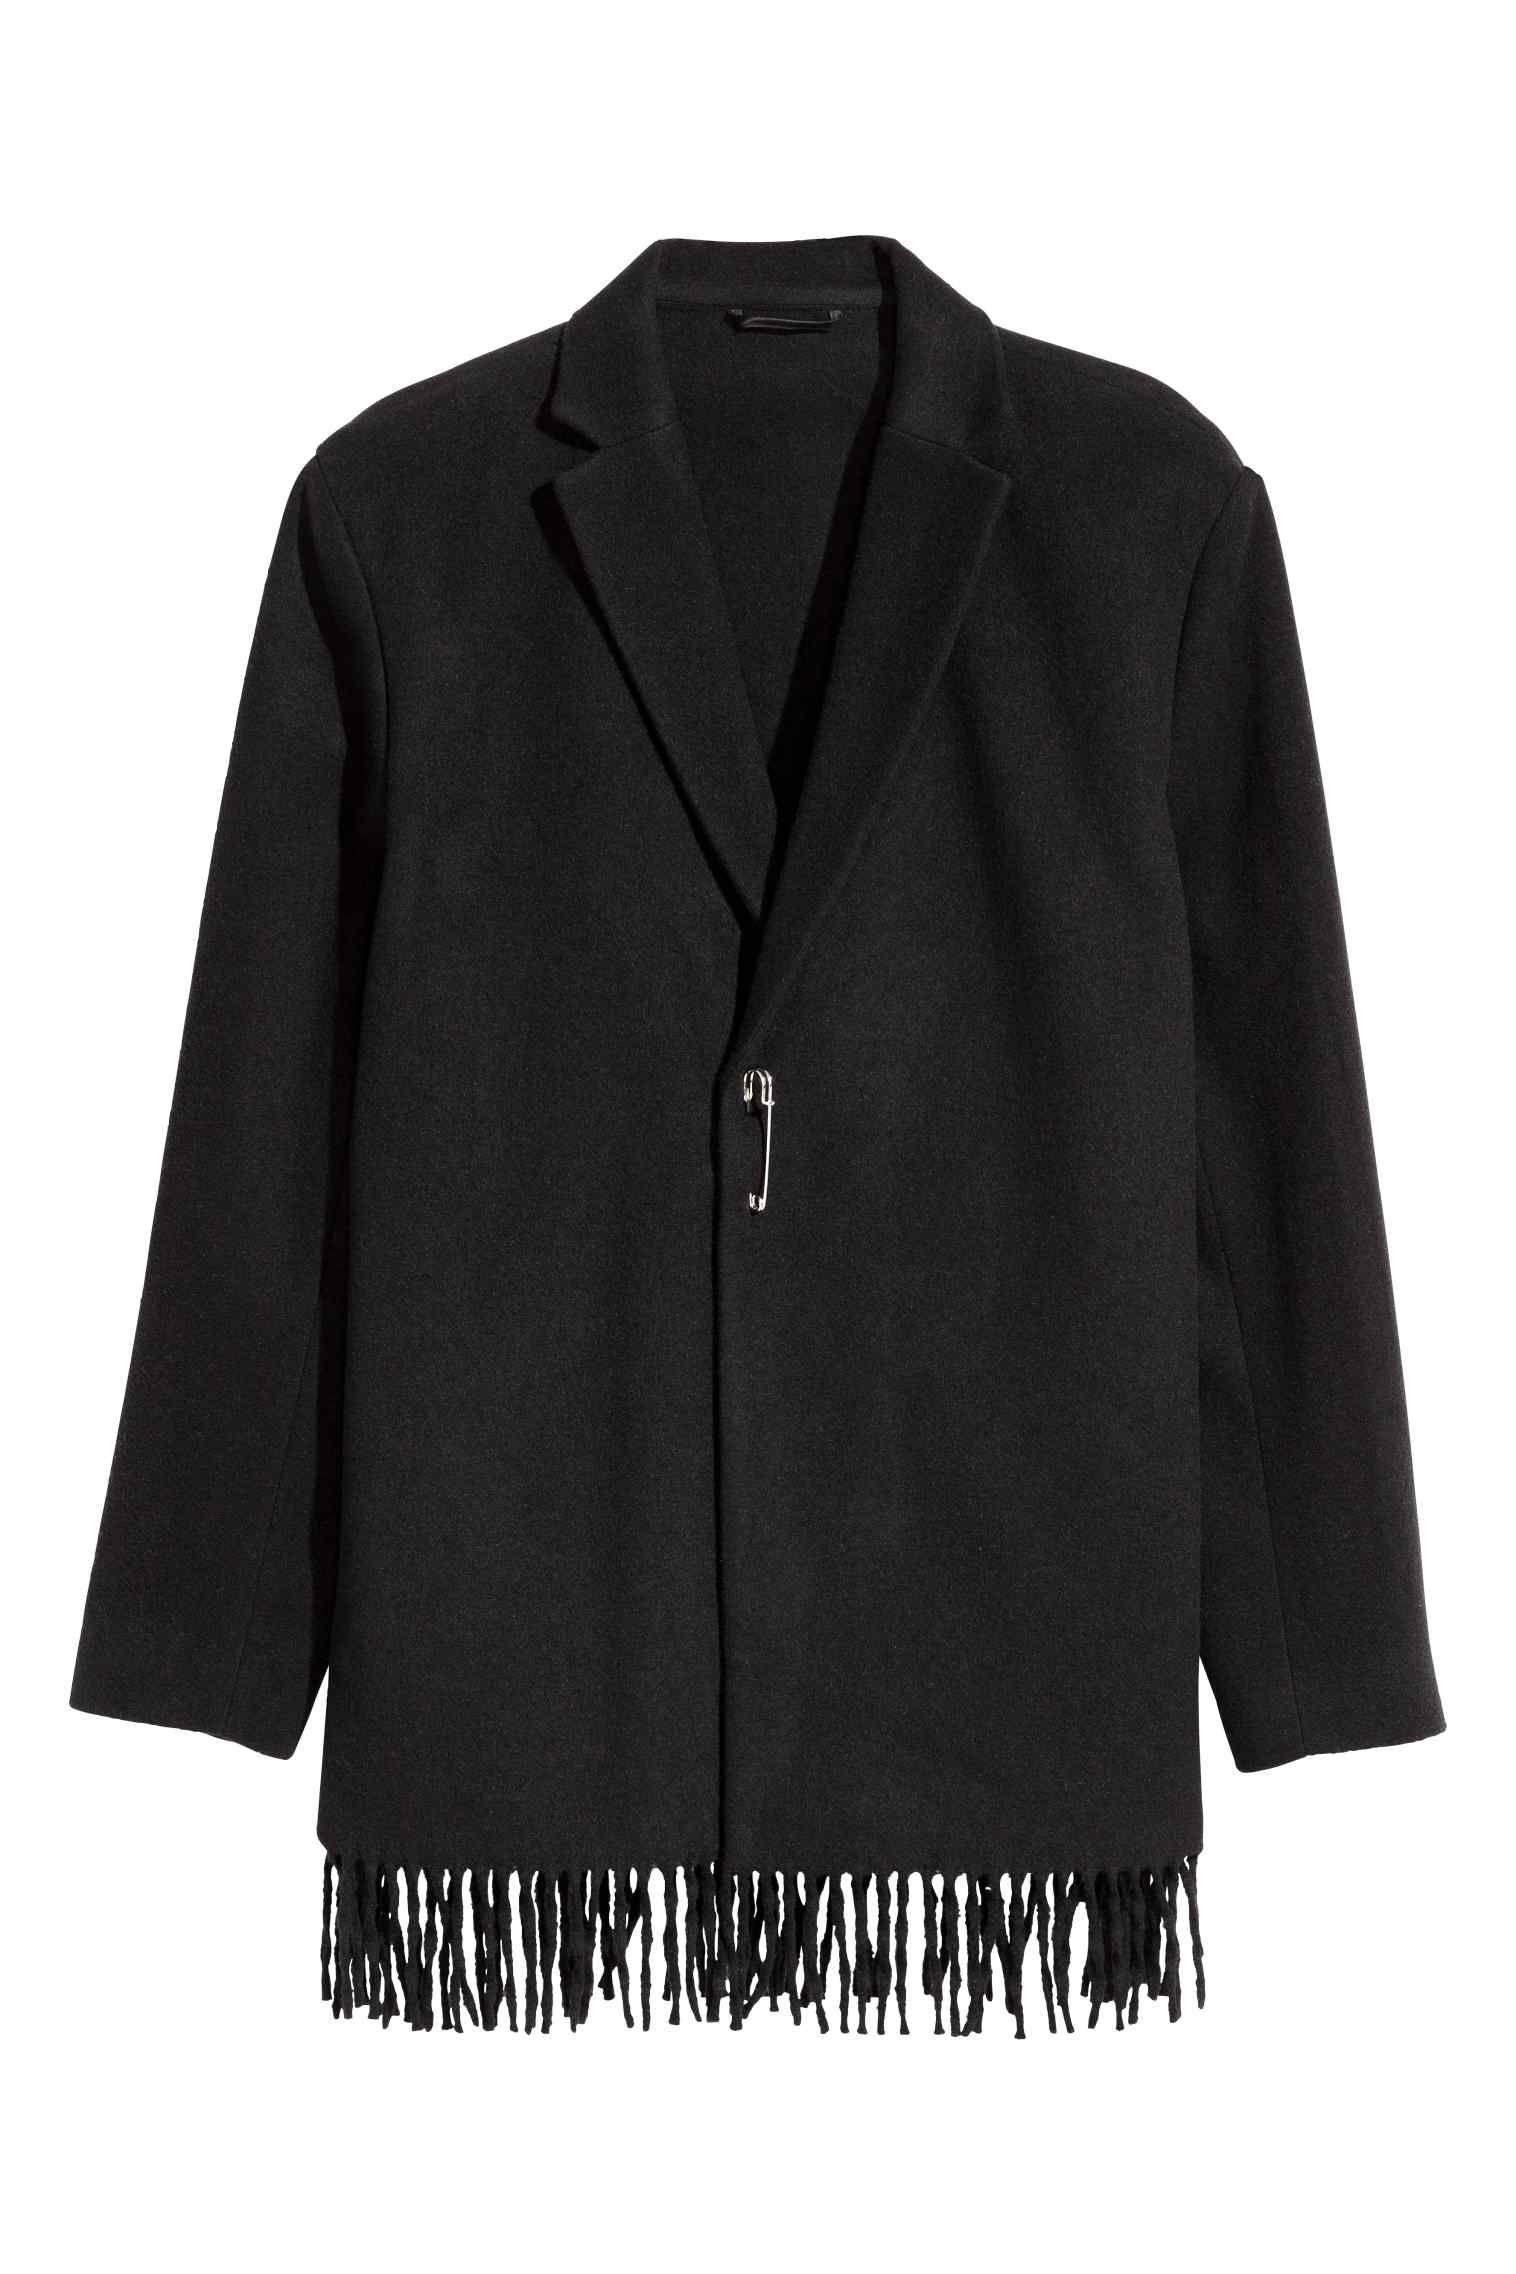 61c46f4d9 Unisex Pierced Hoodie | Clothes | Hoodies, Fleece lined hoodie ...